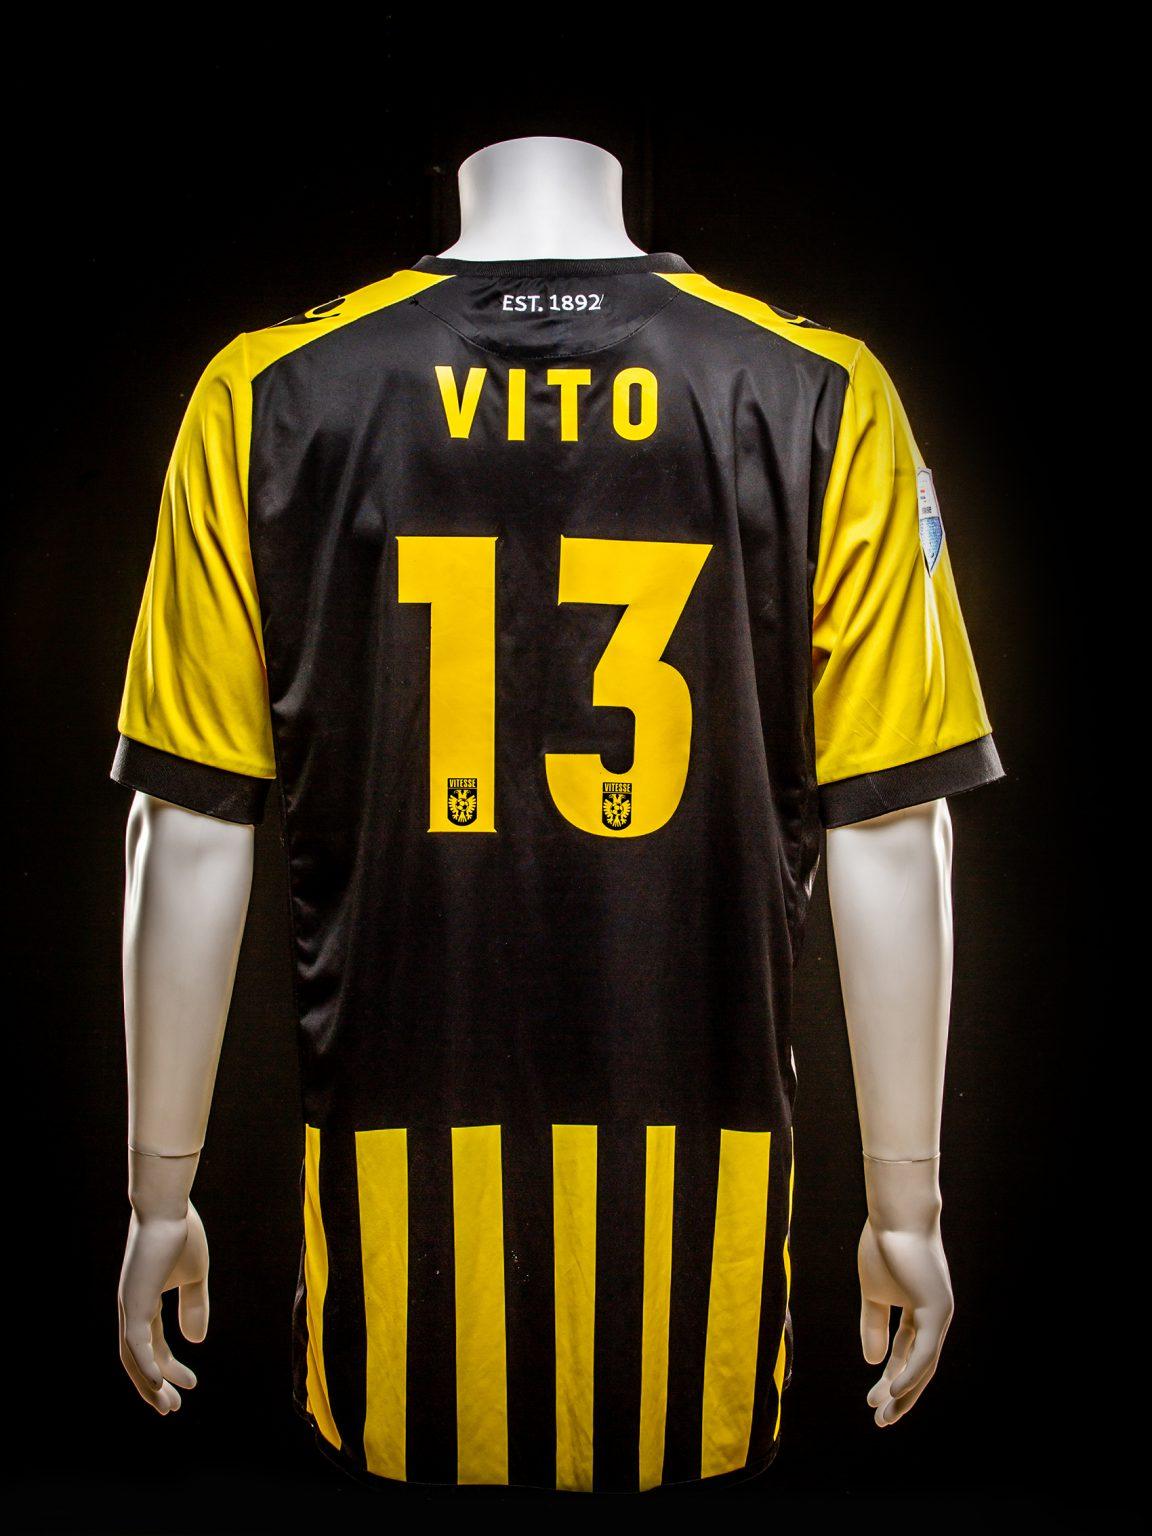 #13 Vito 2014-2015